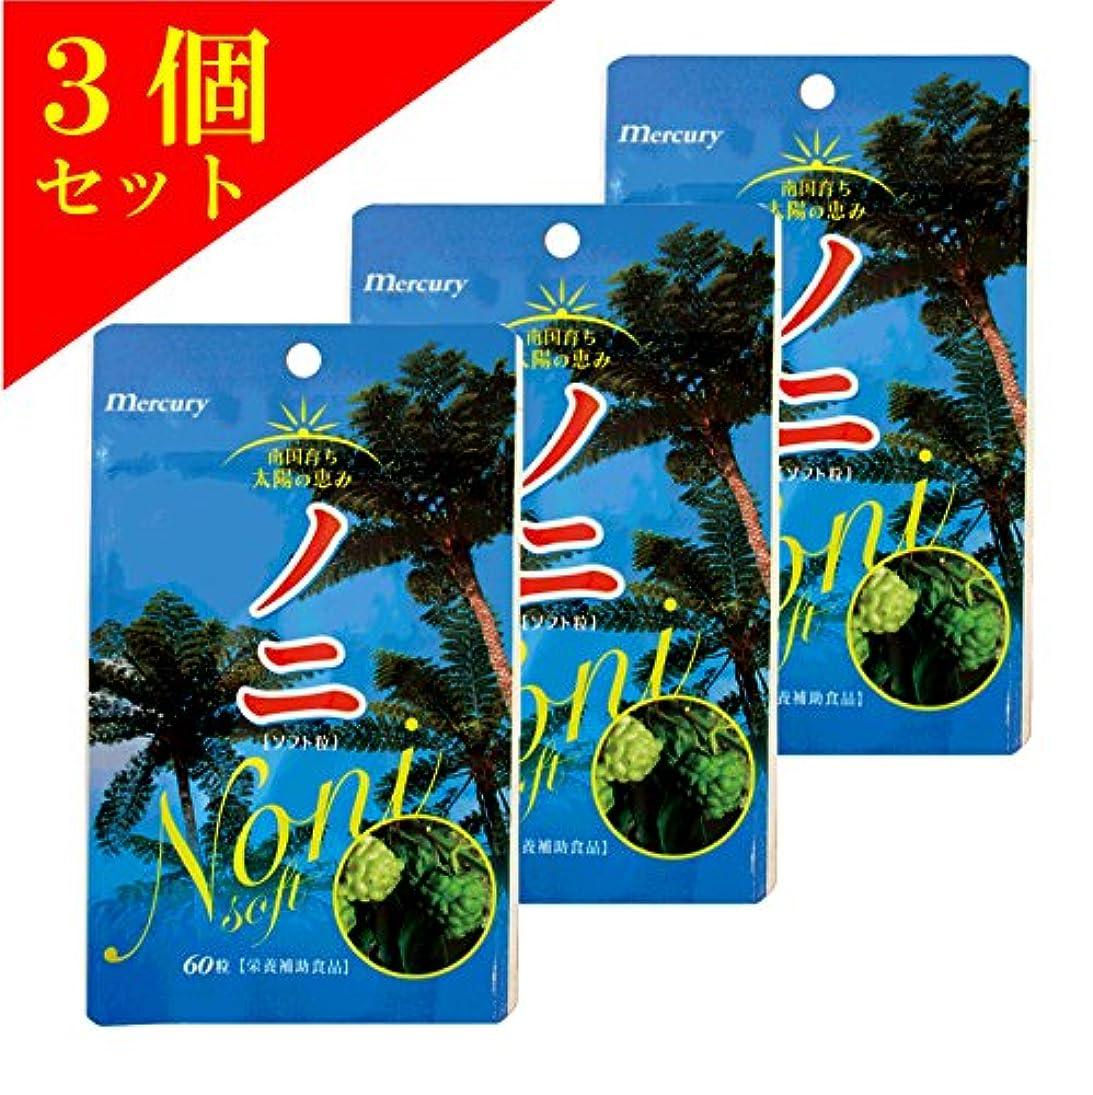 ヒゲクジラアクセス治安判事(3個)マーキュリー ノニソフト粒 60粒×3個セット(4947041302129)